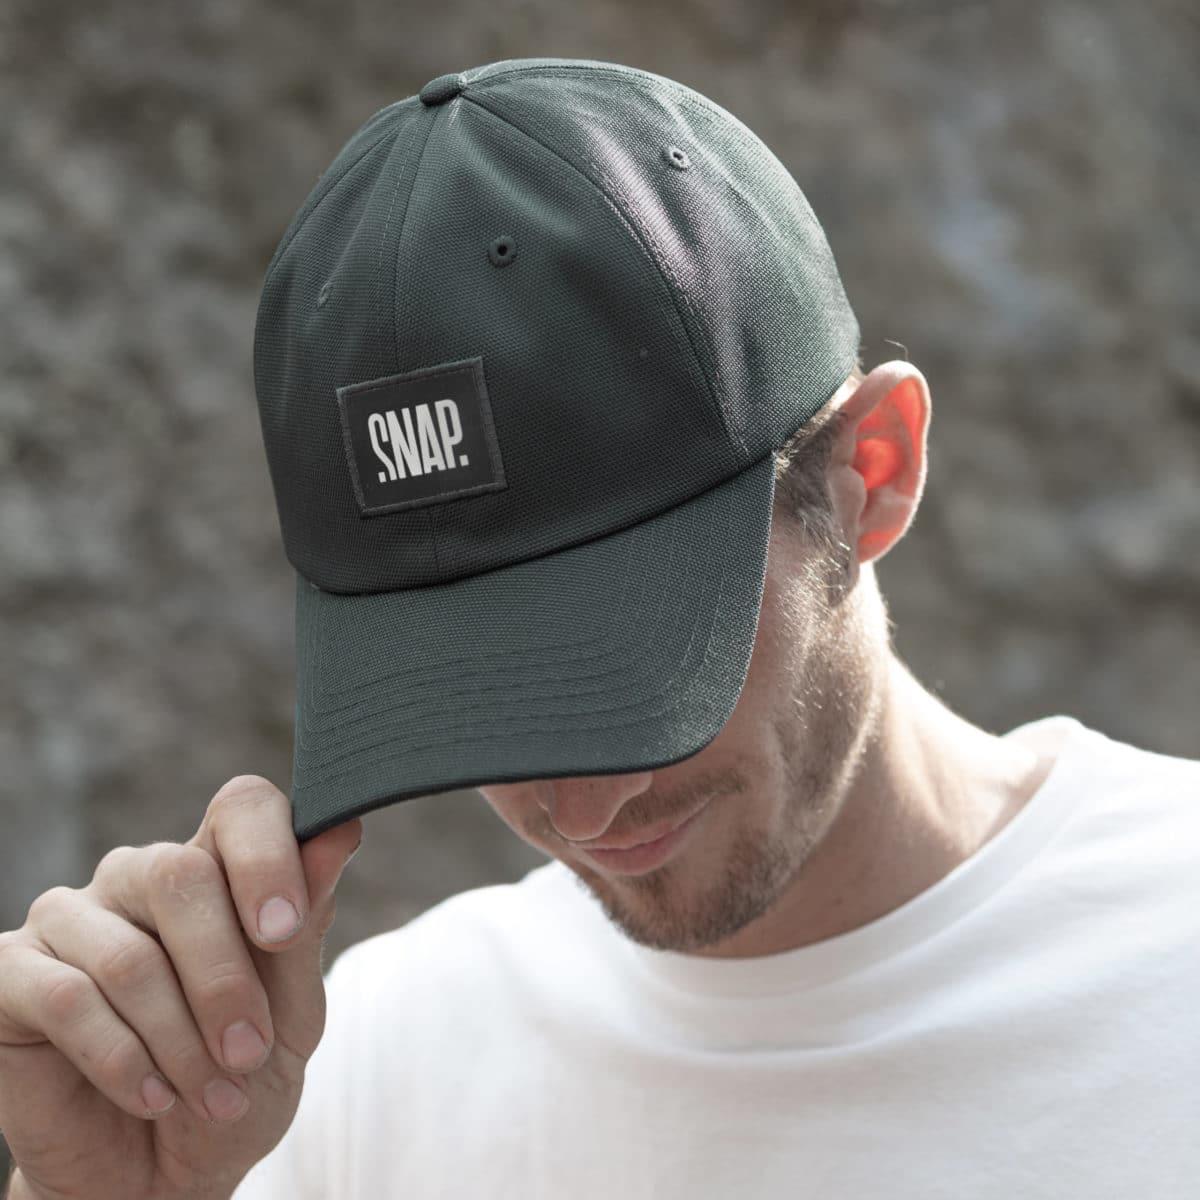 cap for climber